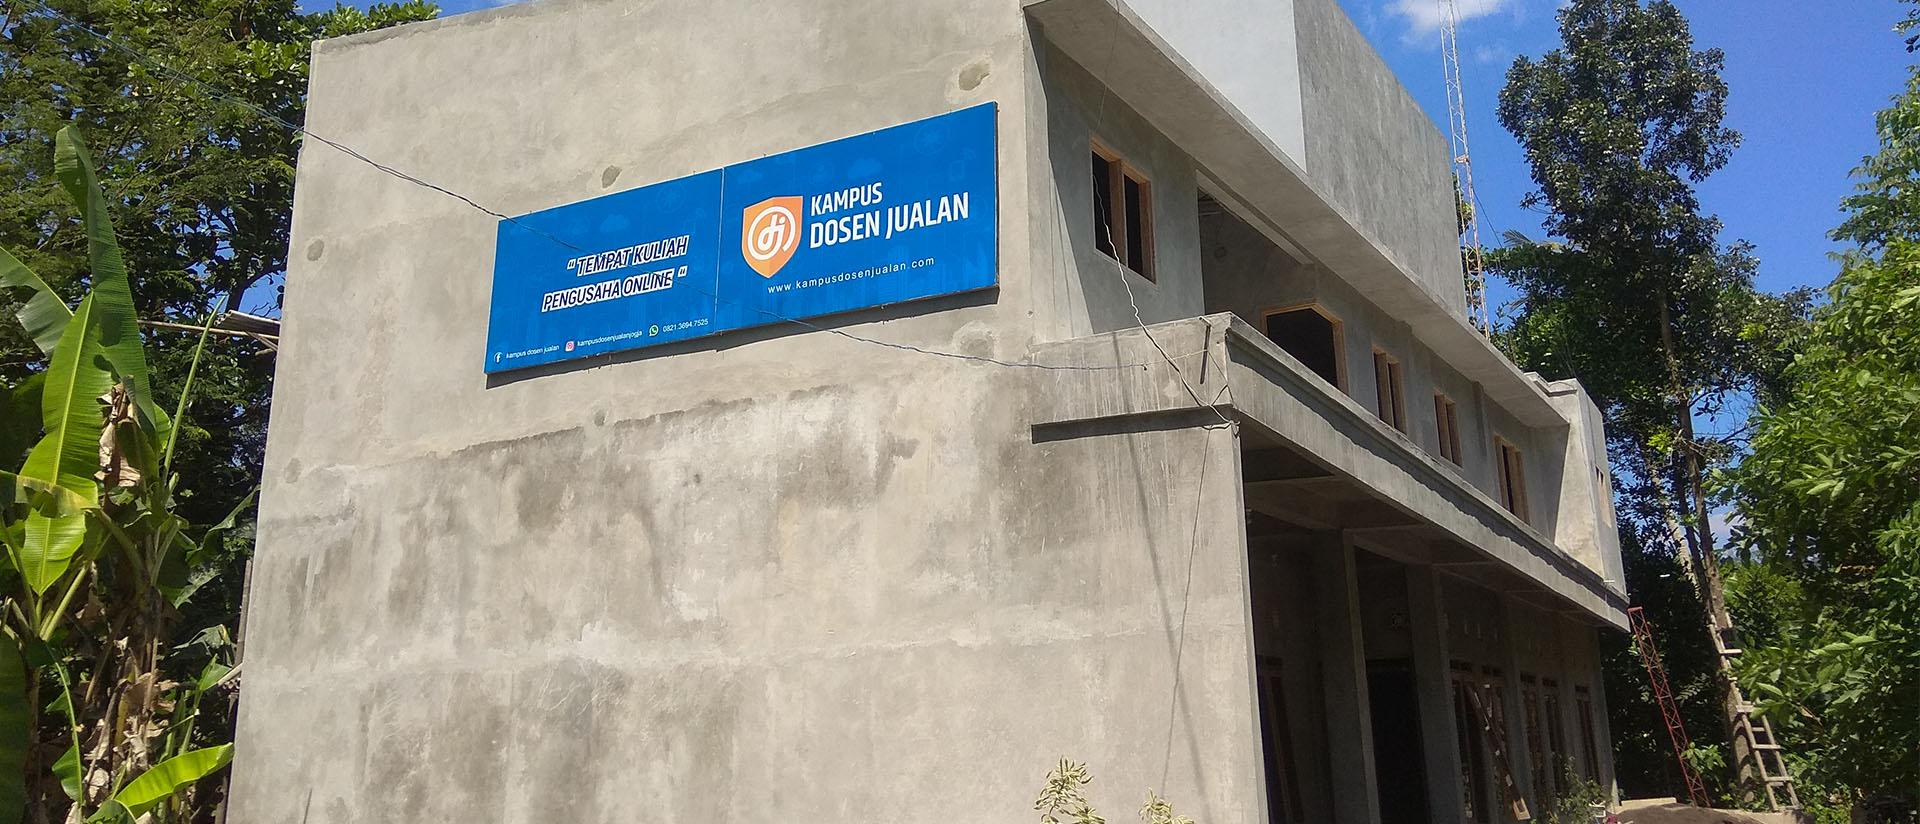 Kampus Dosen Jualan Piyungan Yogyakarta